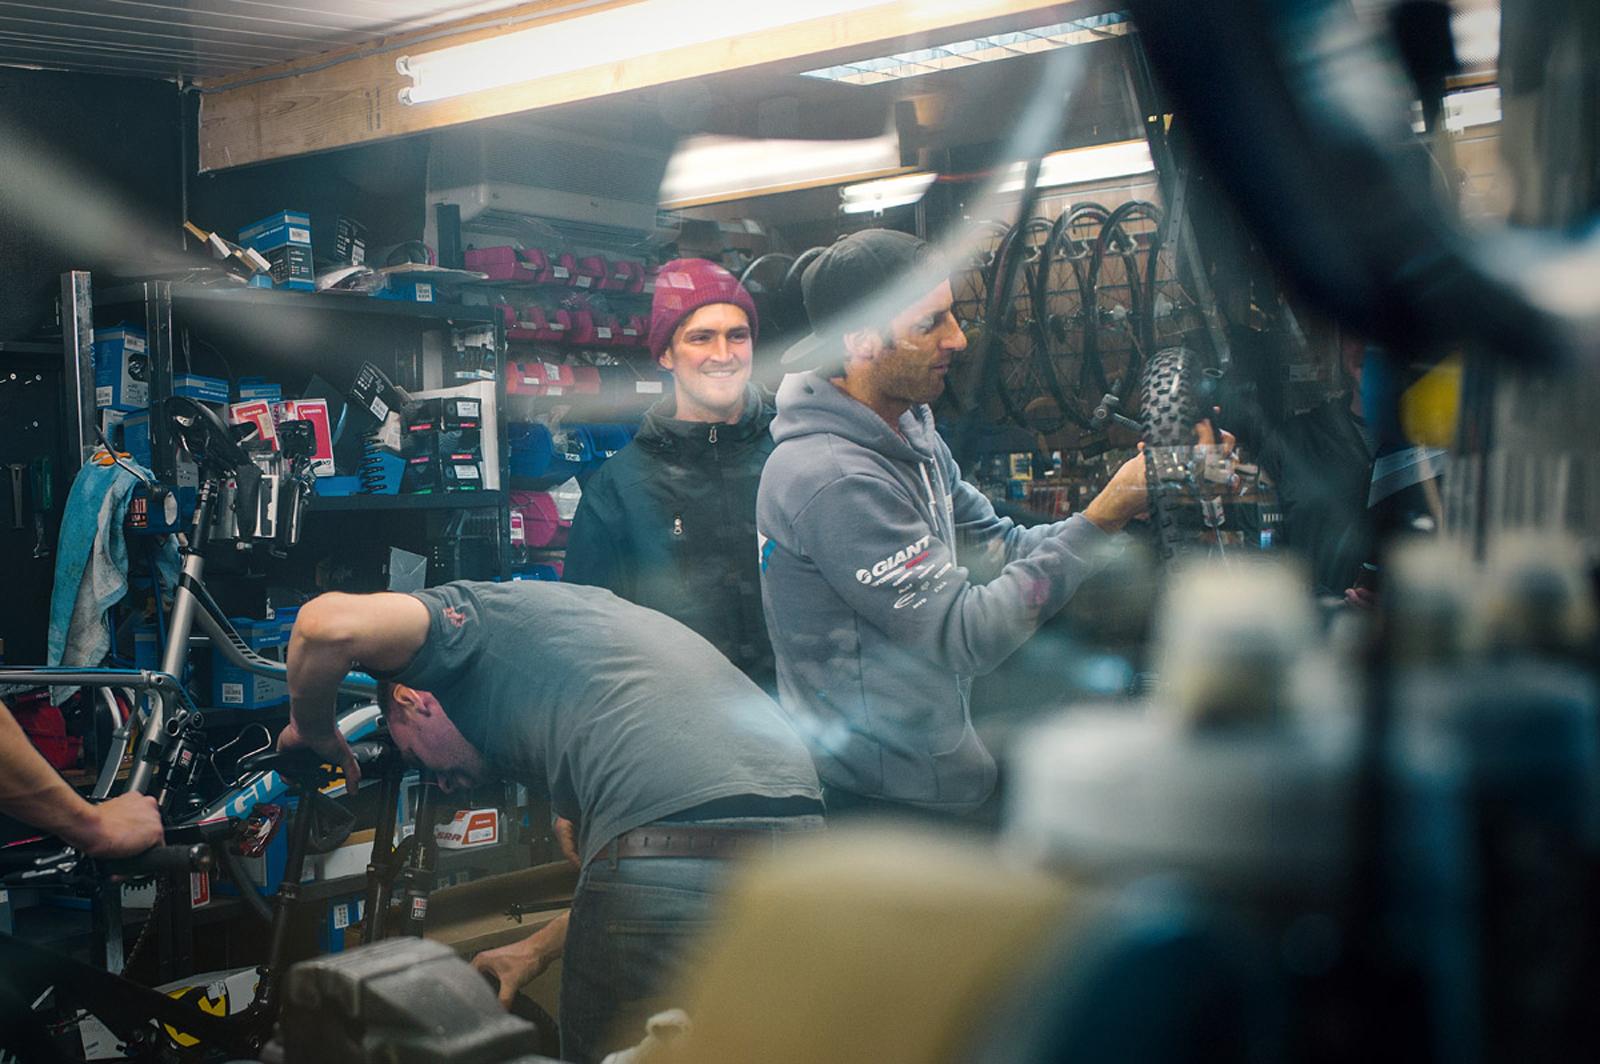 Brendan und Andrew Neethling schauten nochmal im Shop vorbei, um sich ein paar neue Reifen zu besorgen. ©Philip Ruopp